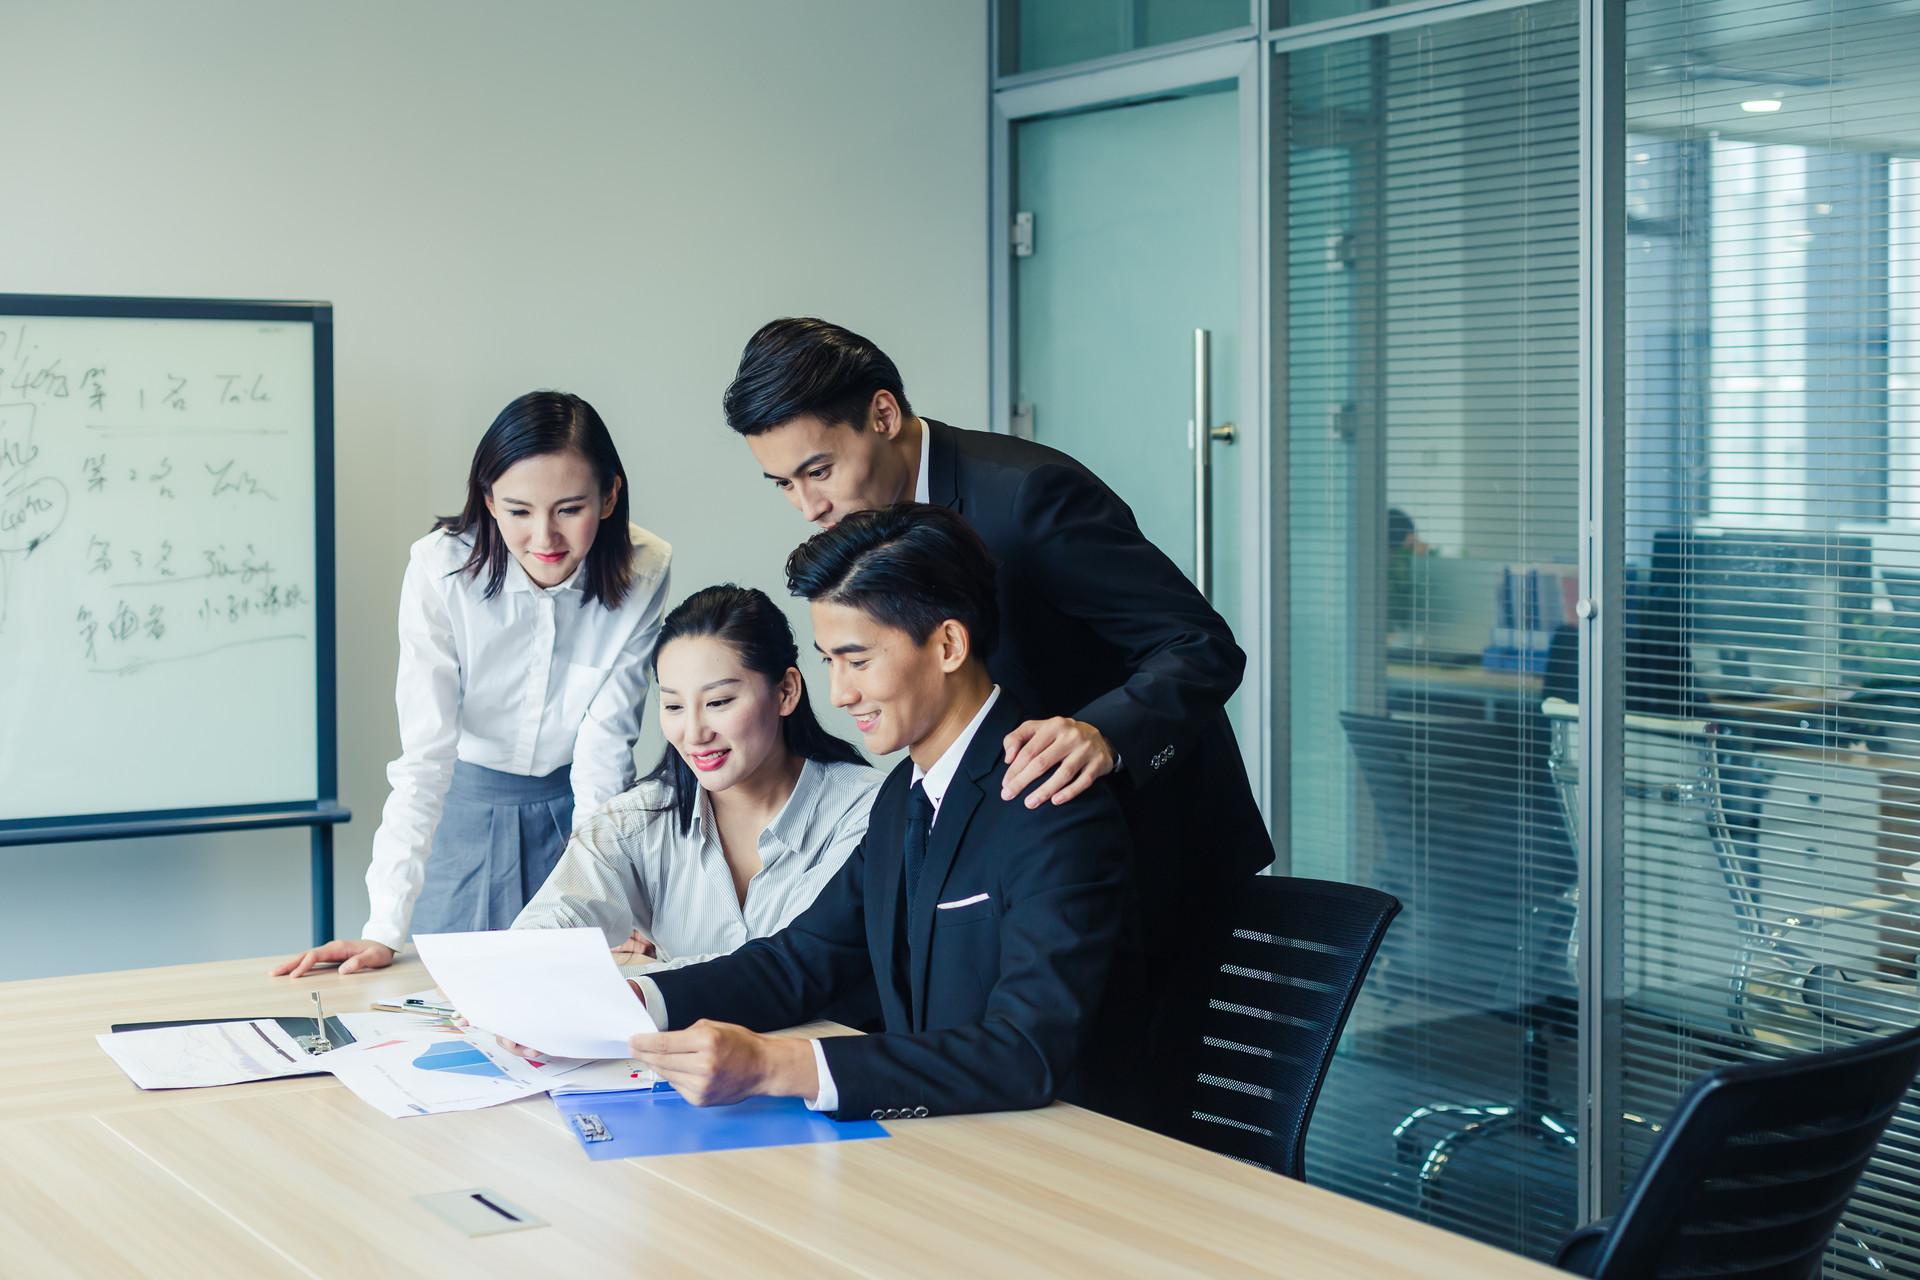 优质杭州社保代缴企业让企业不再漏缴社保